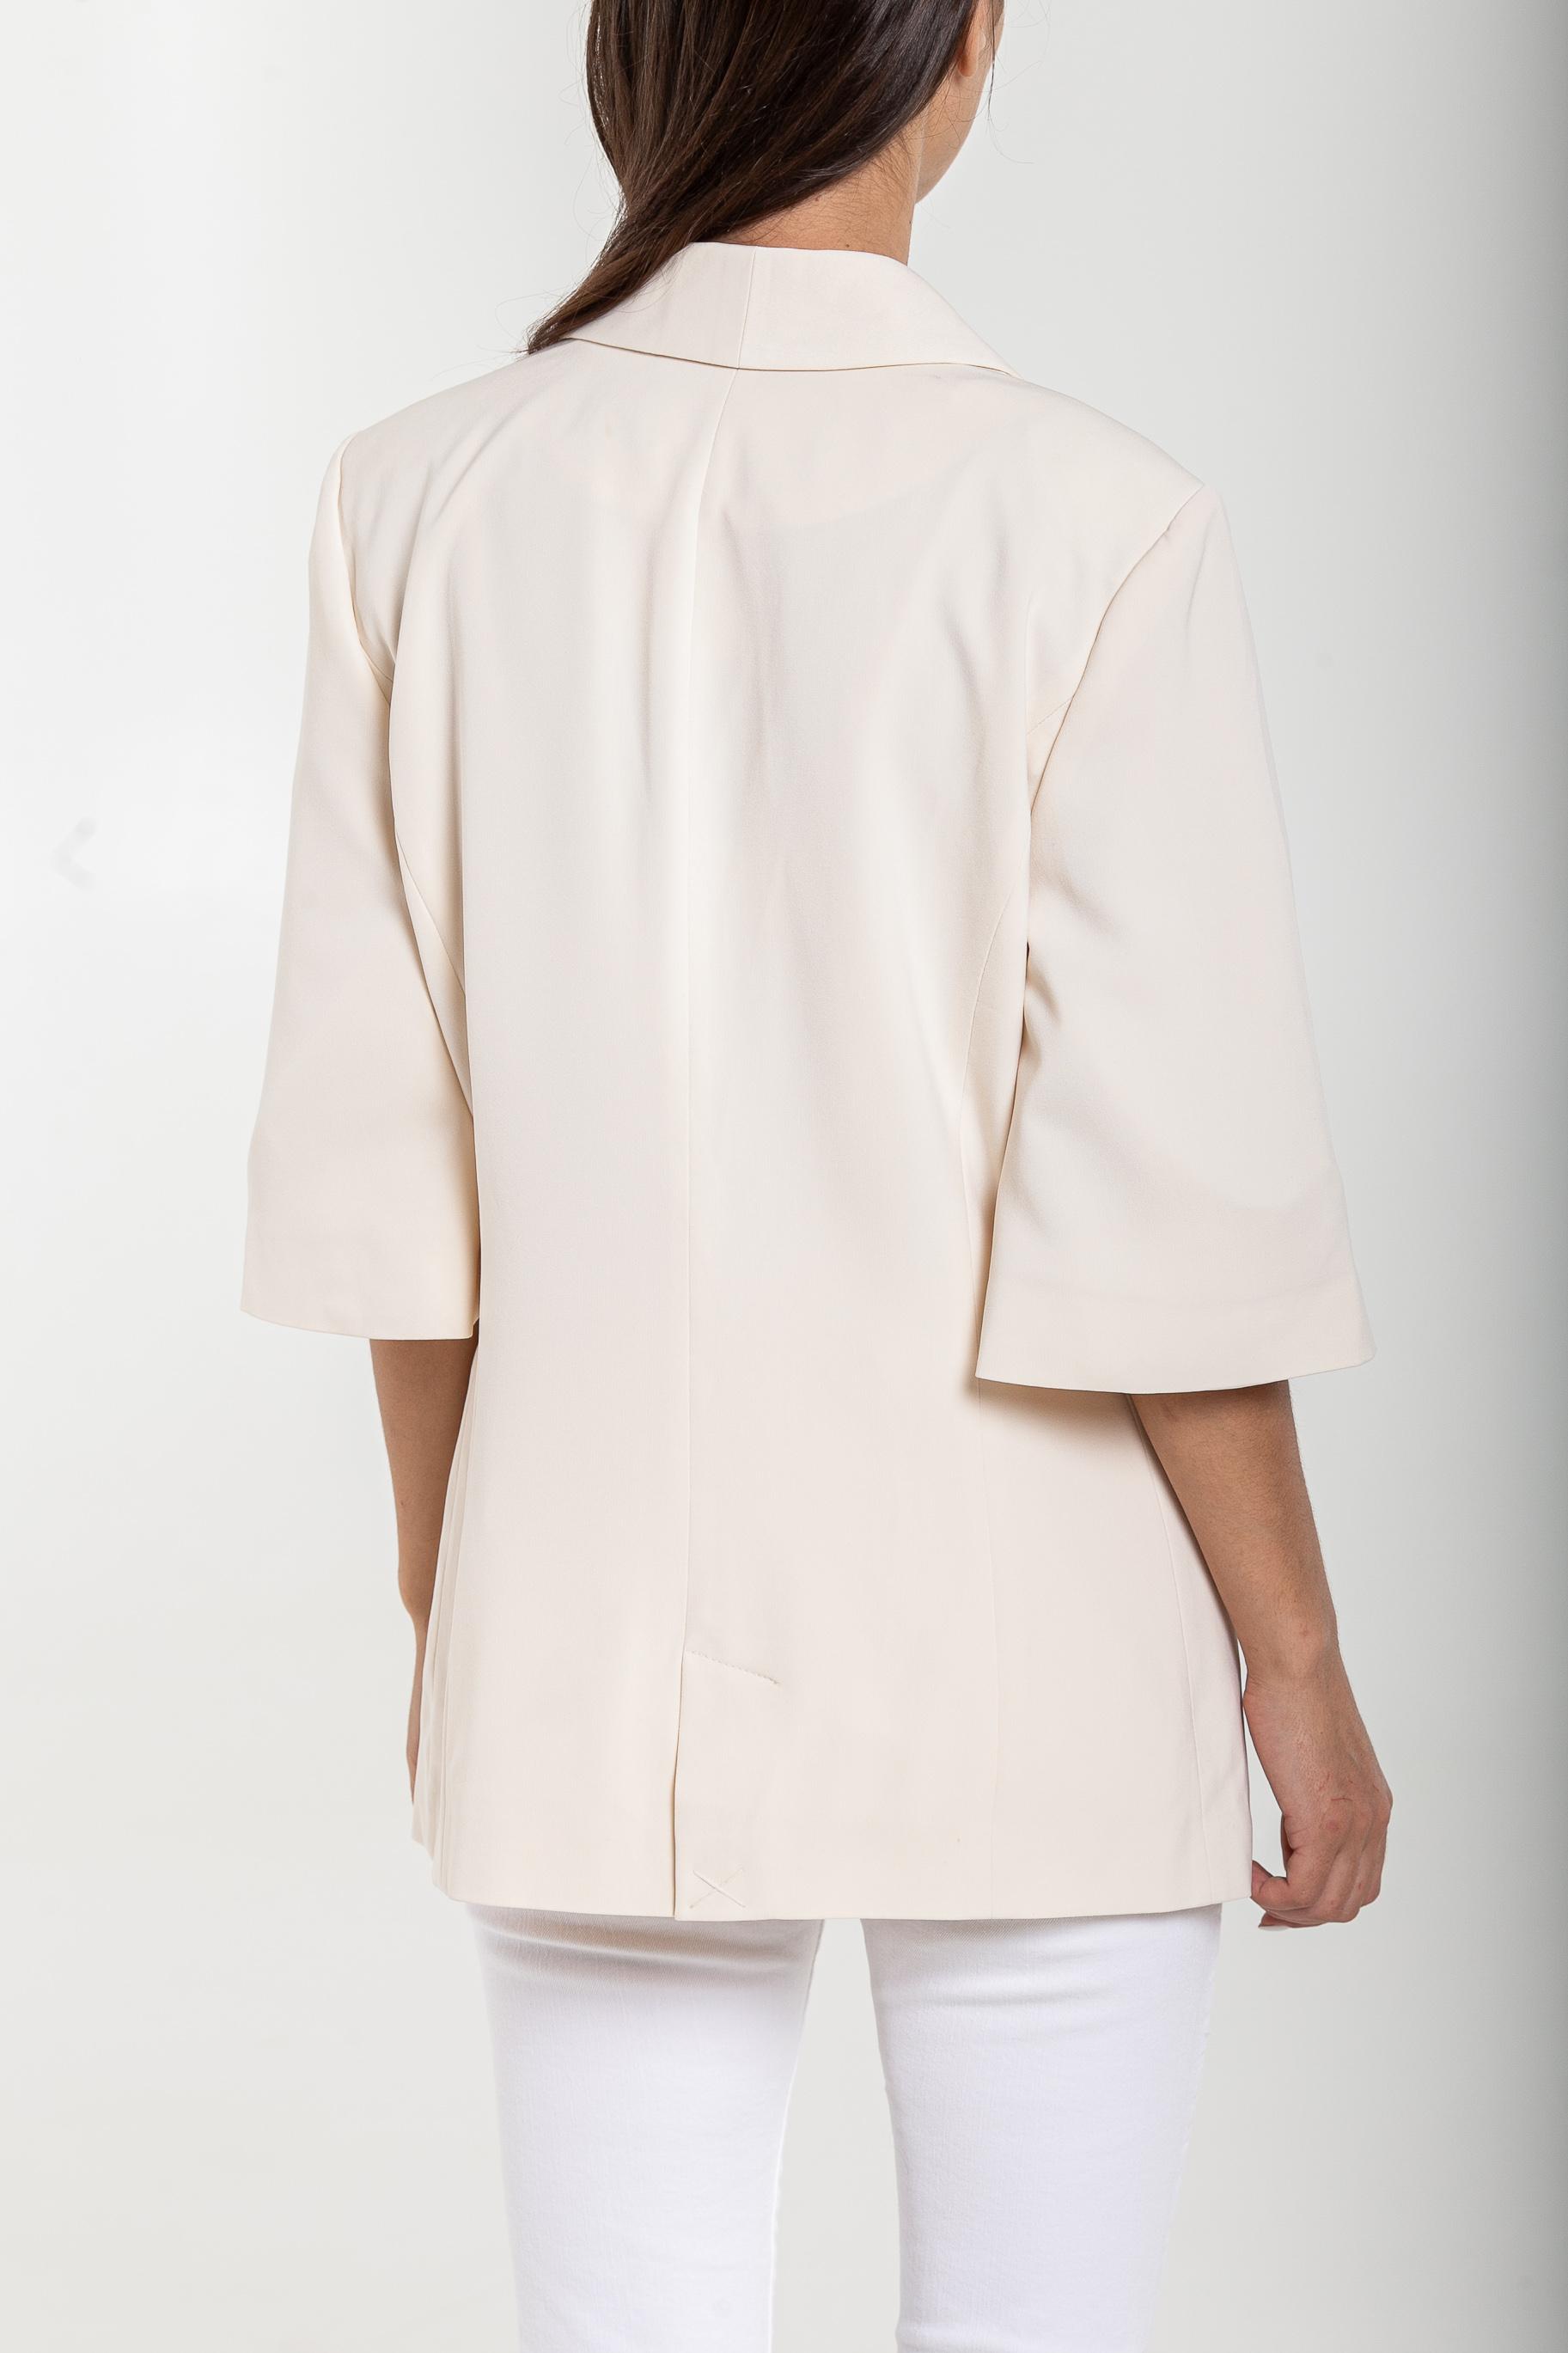 Пиджак Vero Moda Casual (3230) photo 0